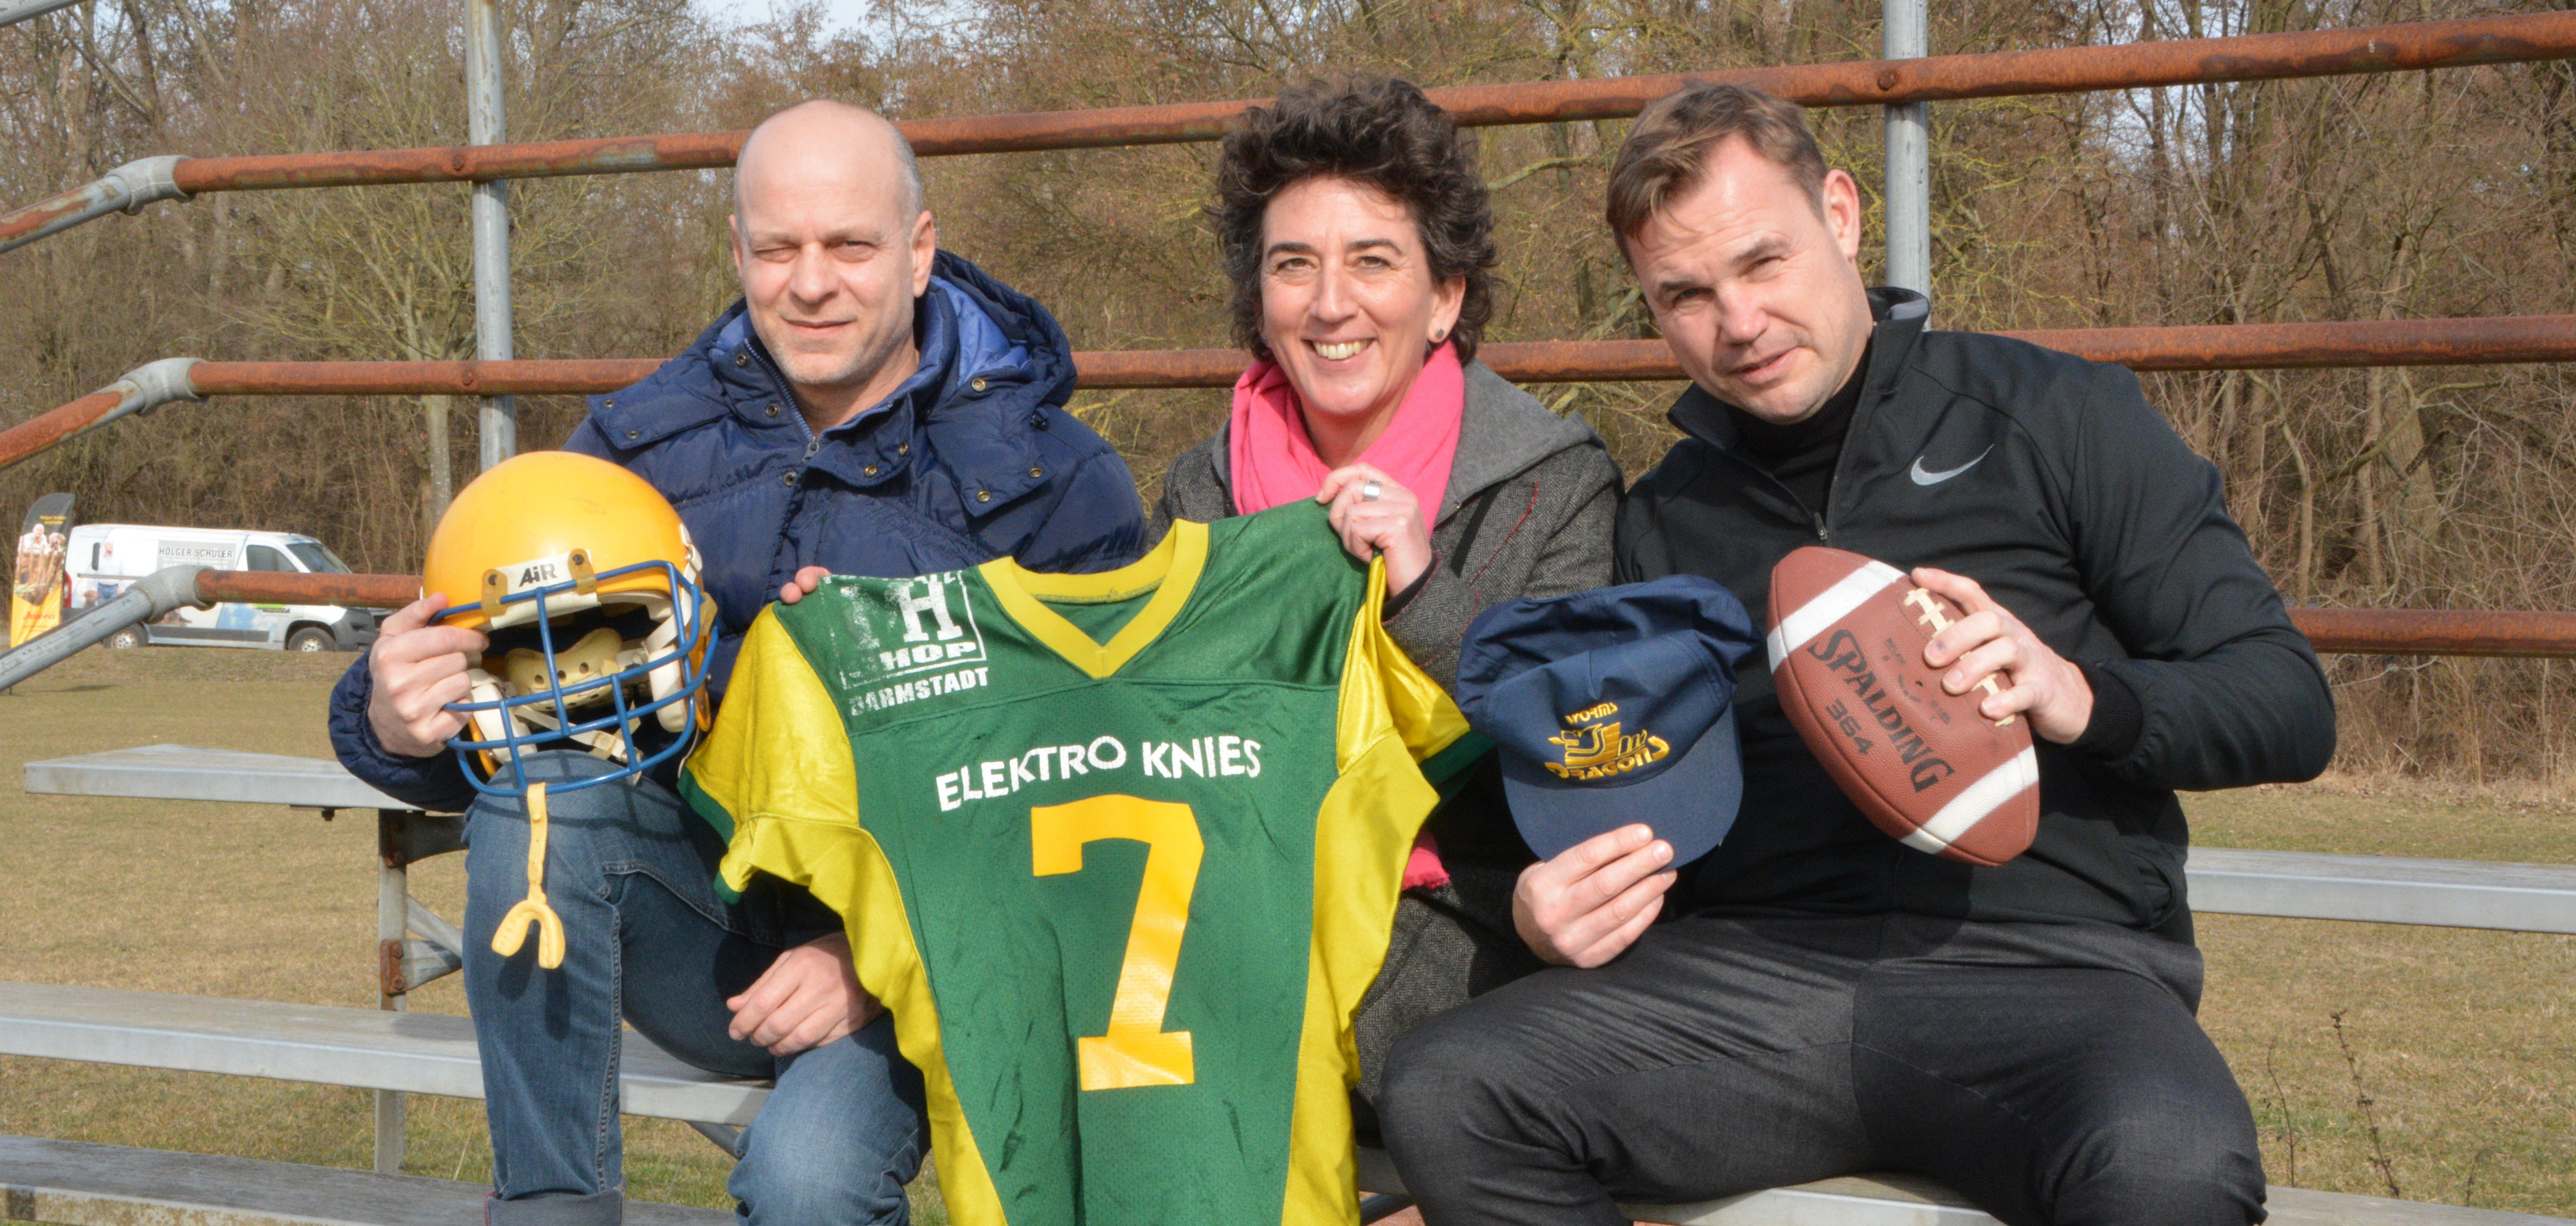 Mit Jochen Schilling (links) und Oliver Schembs (rechts) erinnerten sich zwei Spieler an die Zeit der Dragons. In der Bildmitte Ulrike Knies, deren verstorbener Bruder Joe einer der Motoren des Wormser Footballs war.